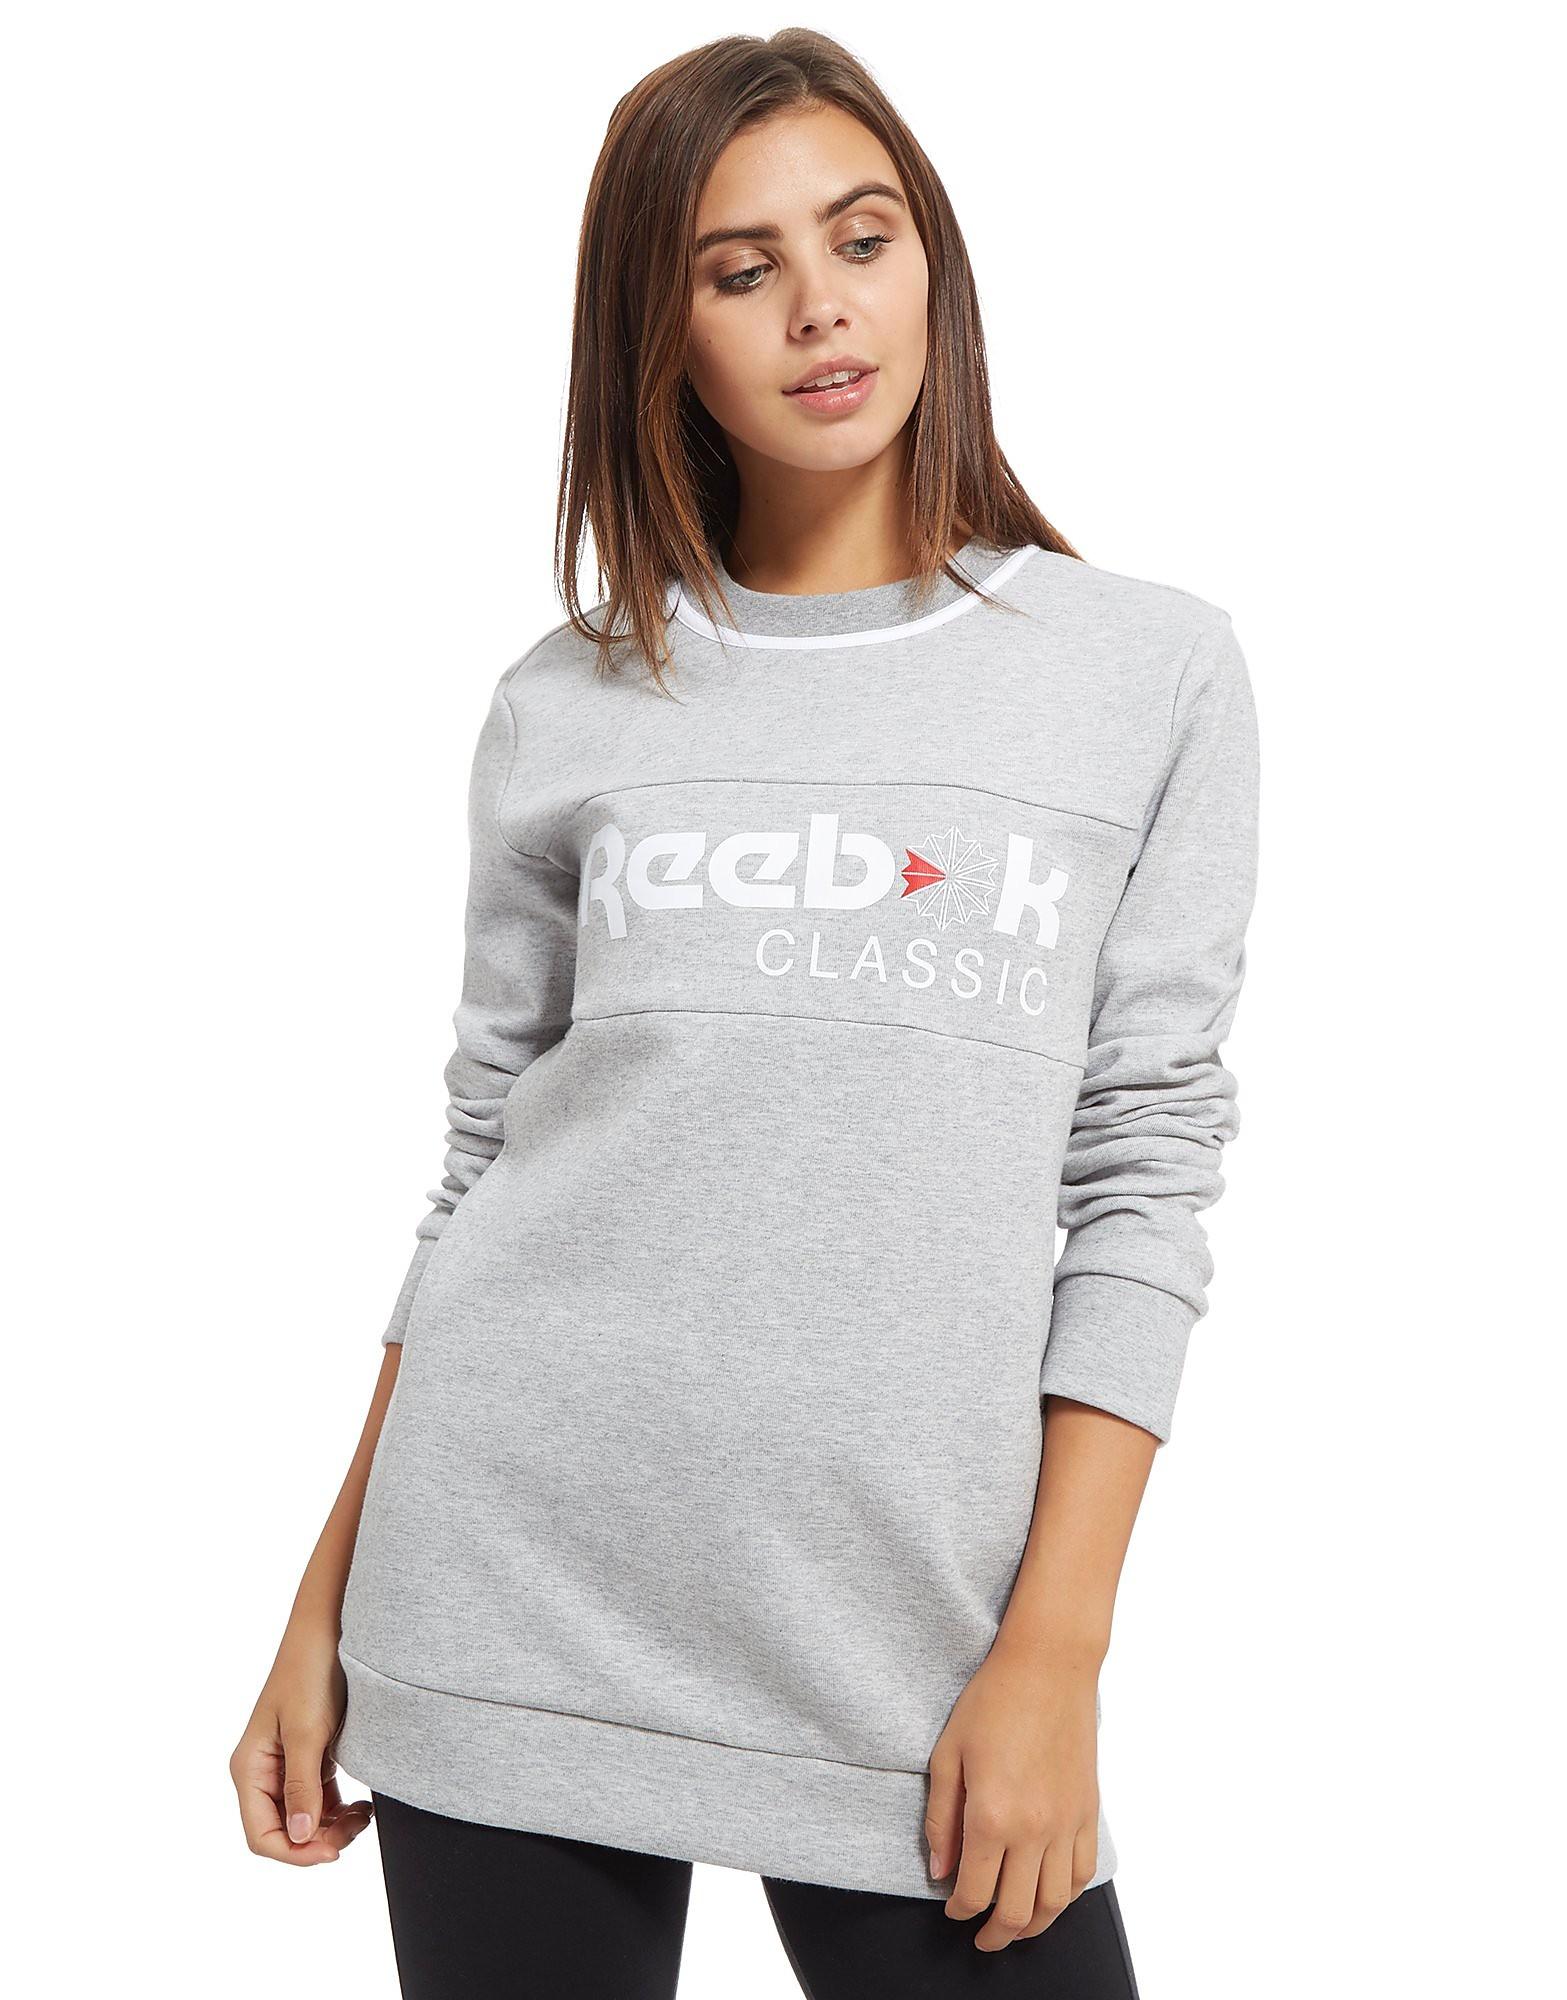 Reebok Classics Iconic Fleece Crew Sweatshirt